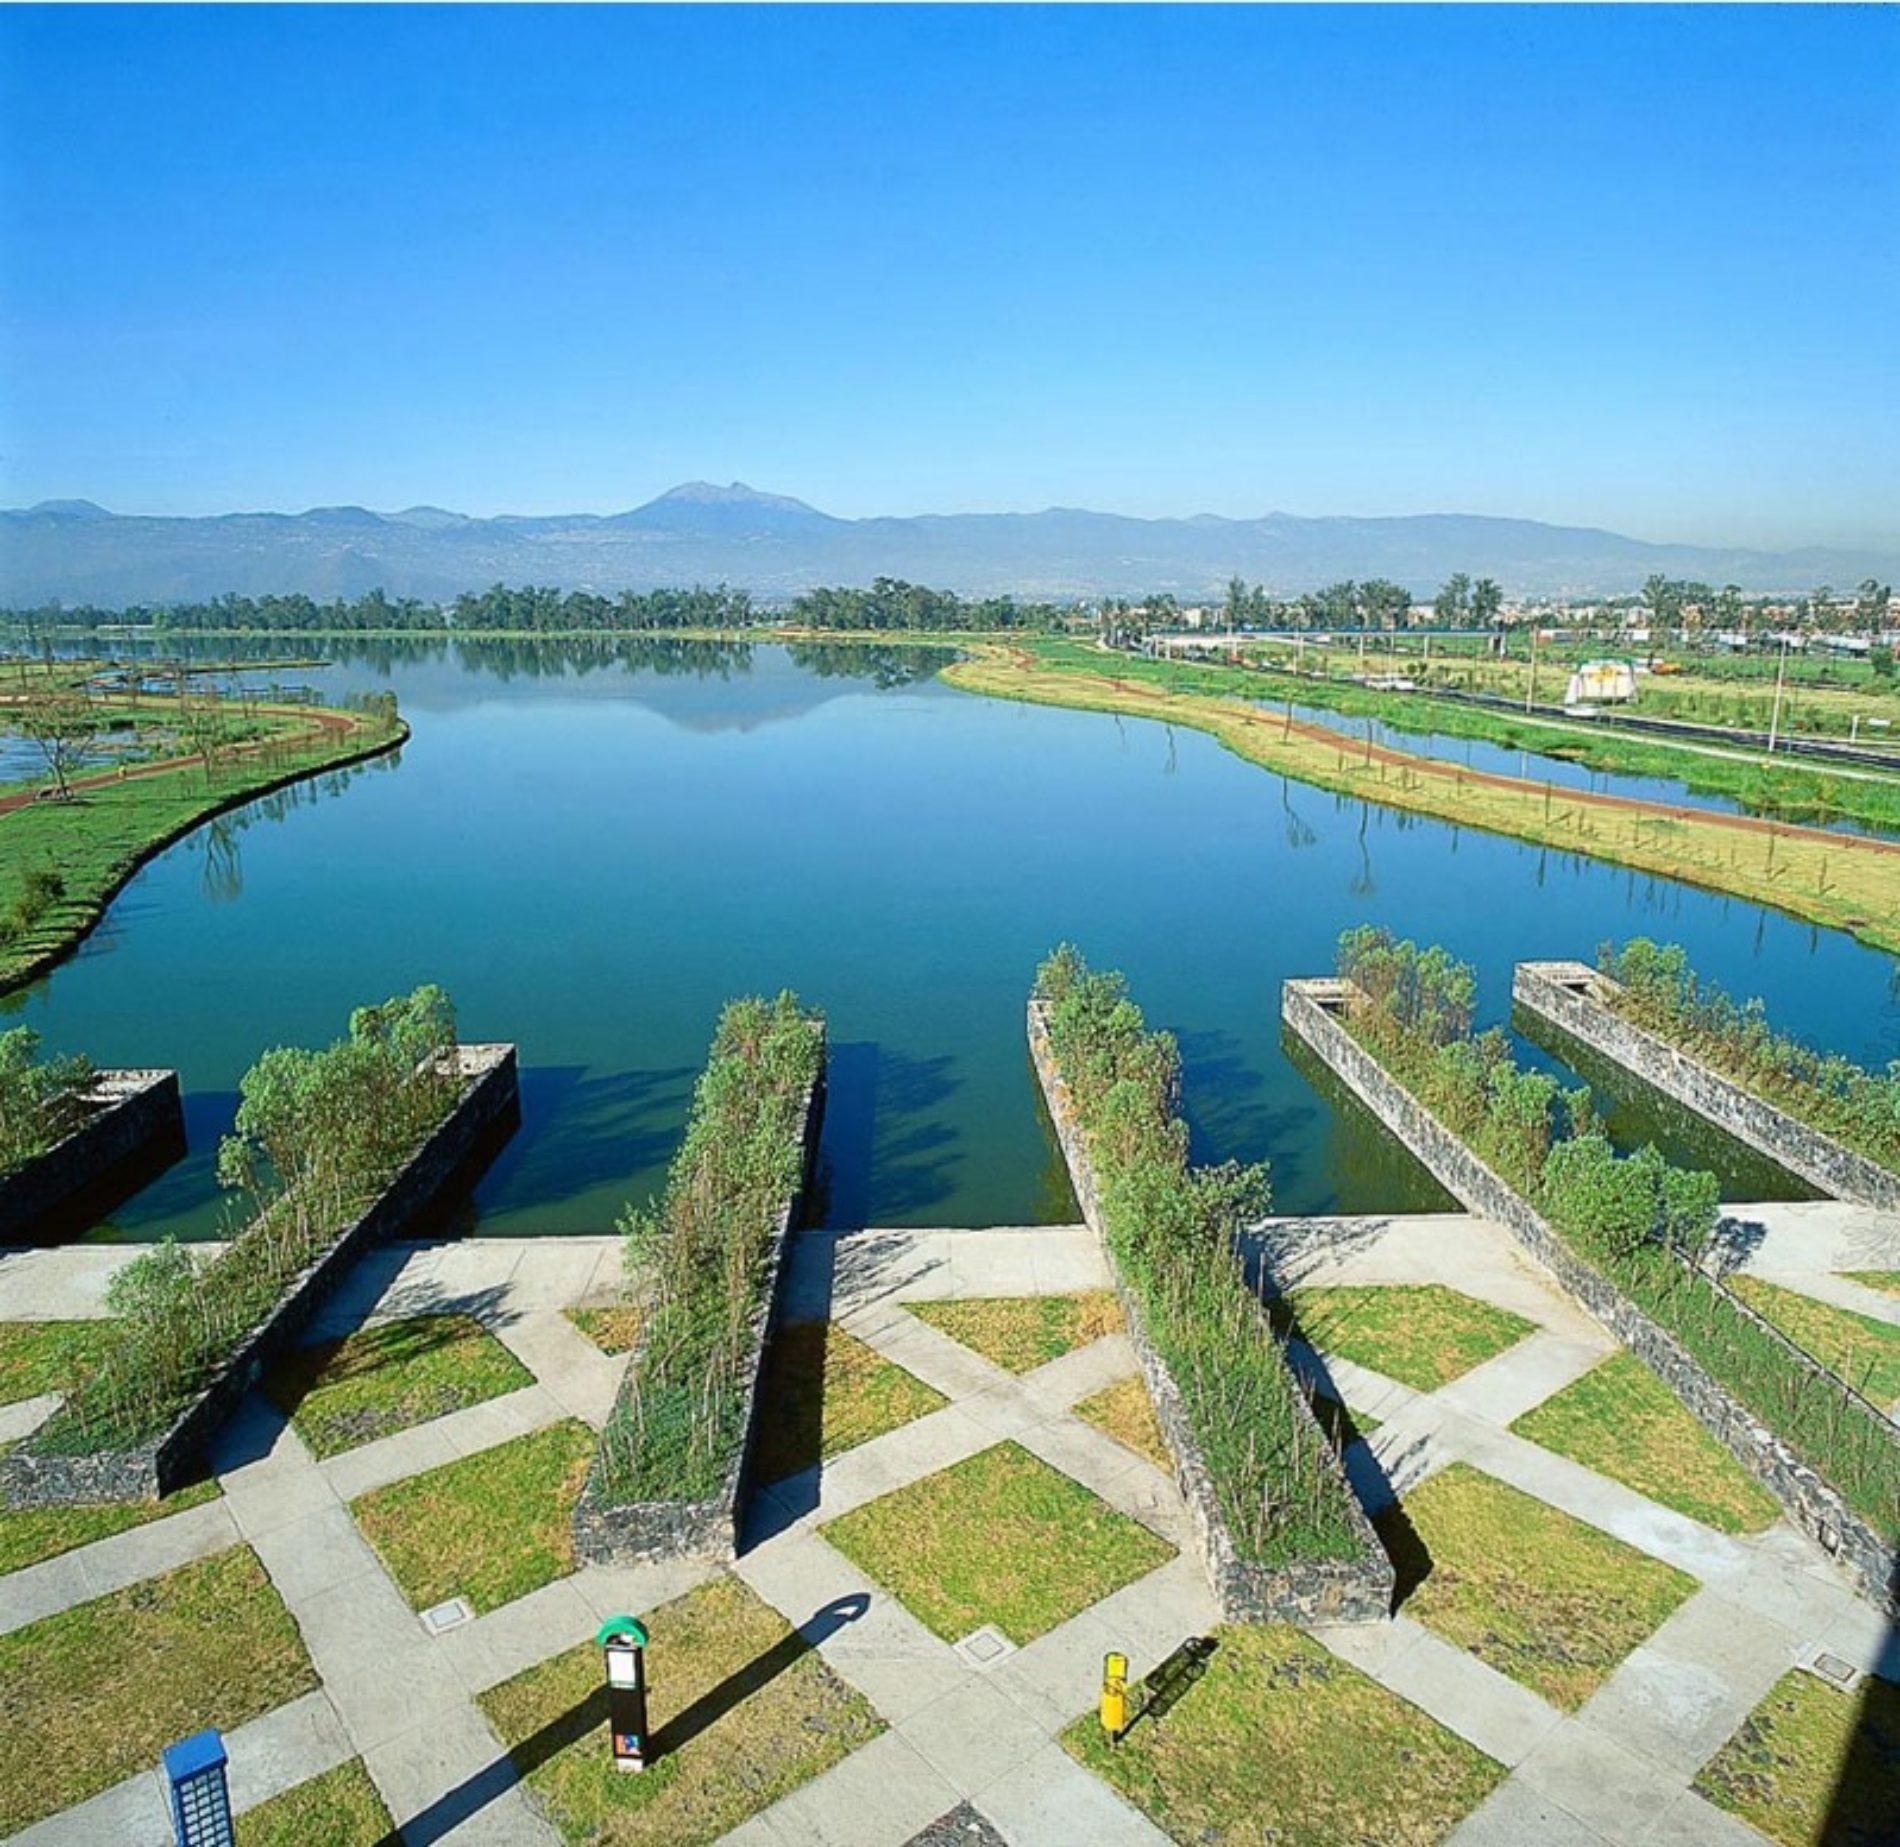 Un mexicano recibe el premio mundial más importante en arquitectura del paisaje